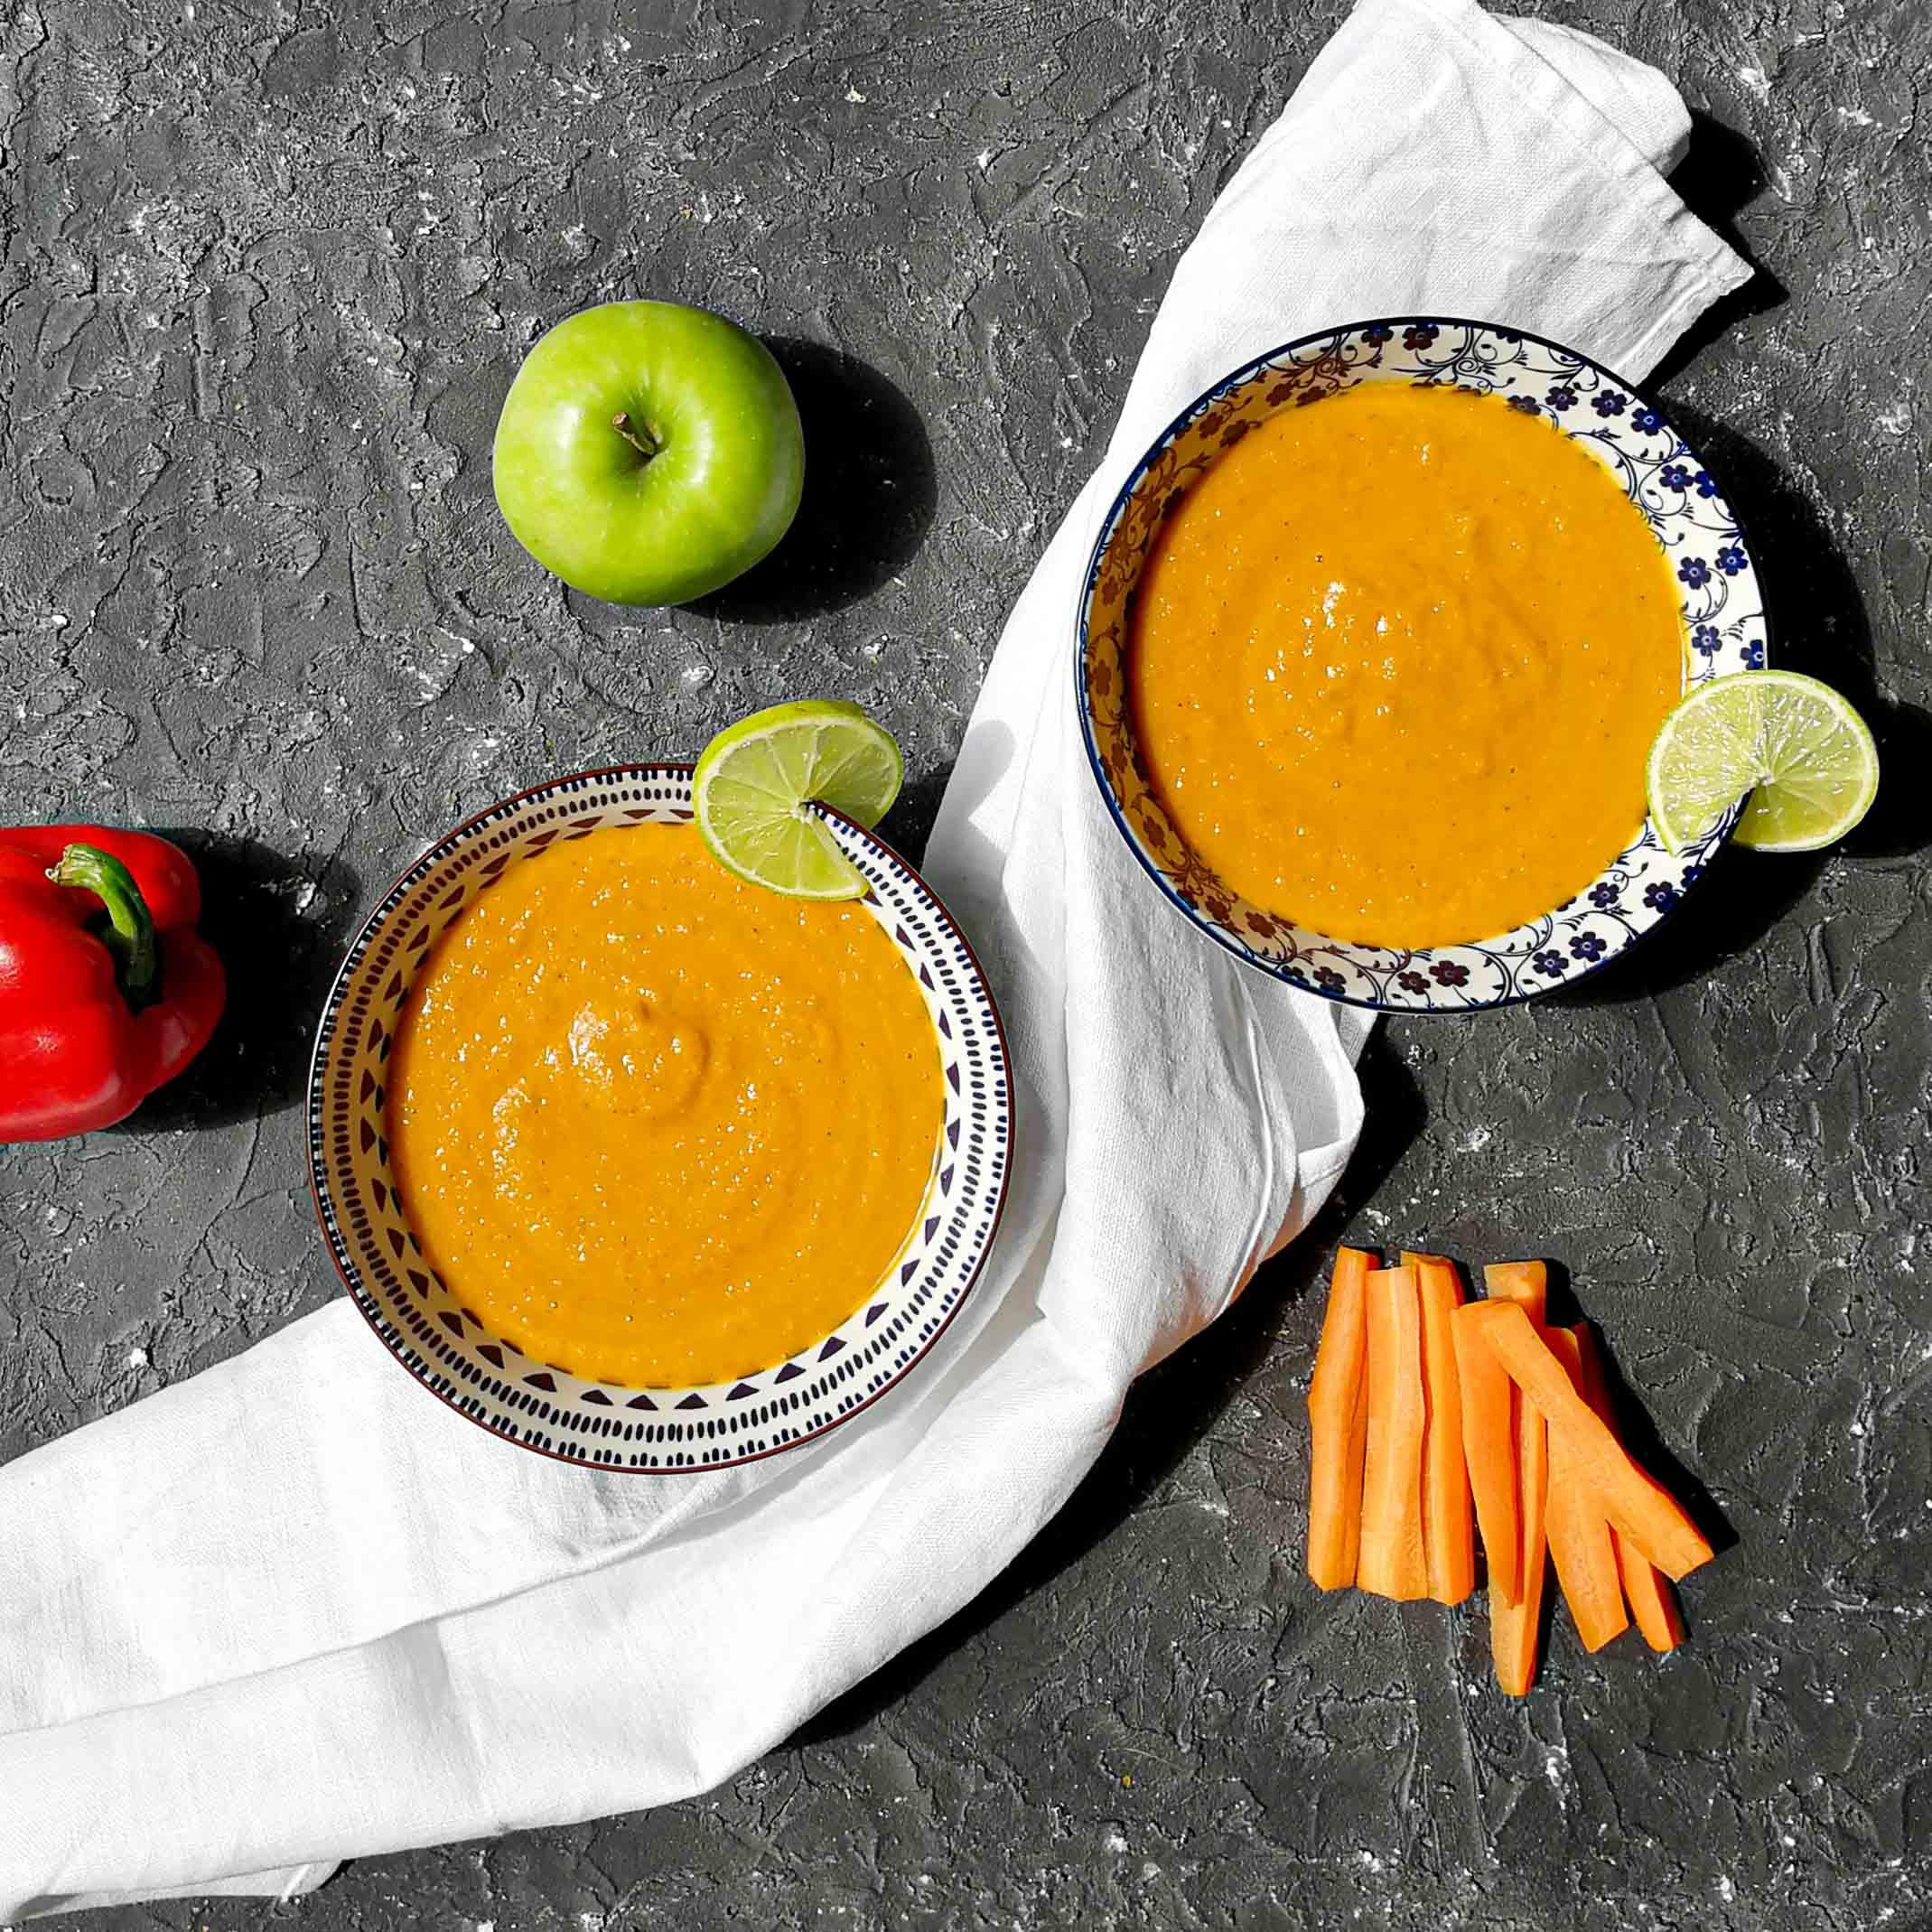 Soep met wortel, paprika, appel en pindakaas